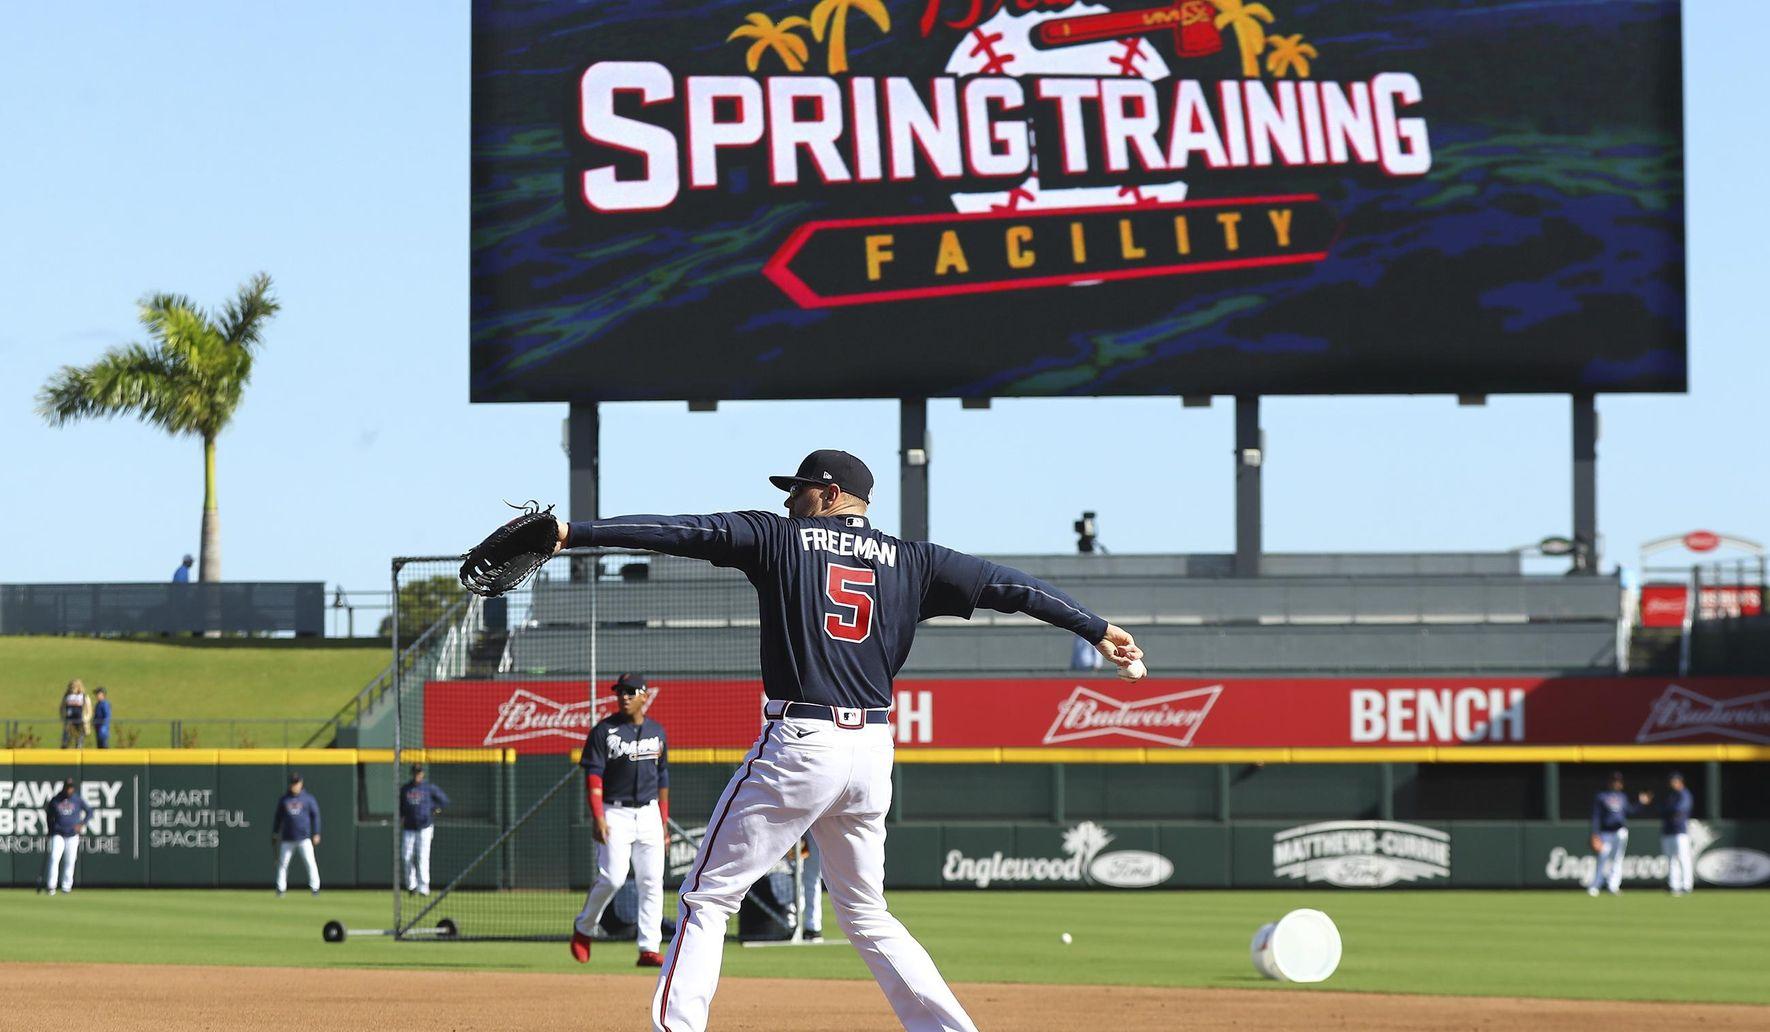 Braves_spring_baseball_52739_c0-205-2600-1720_s1770x1032